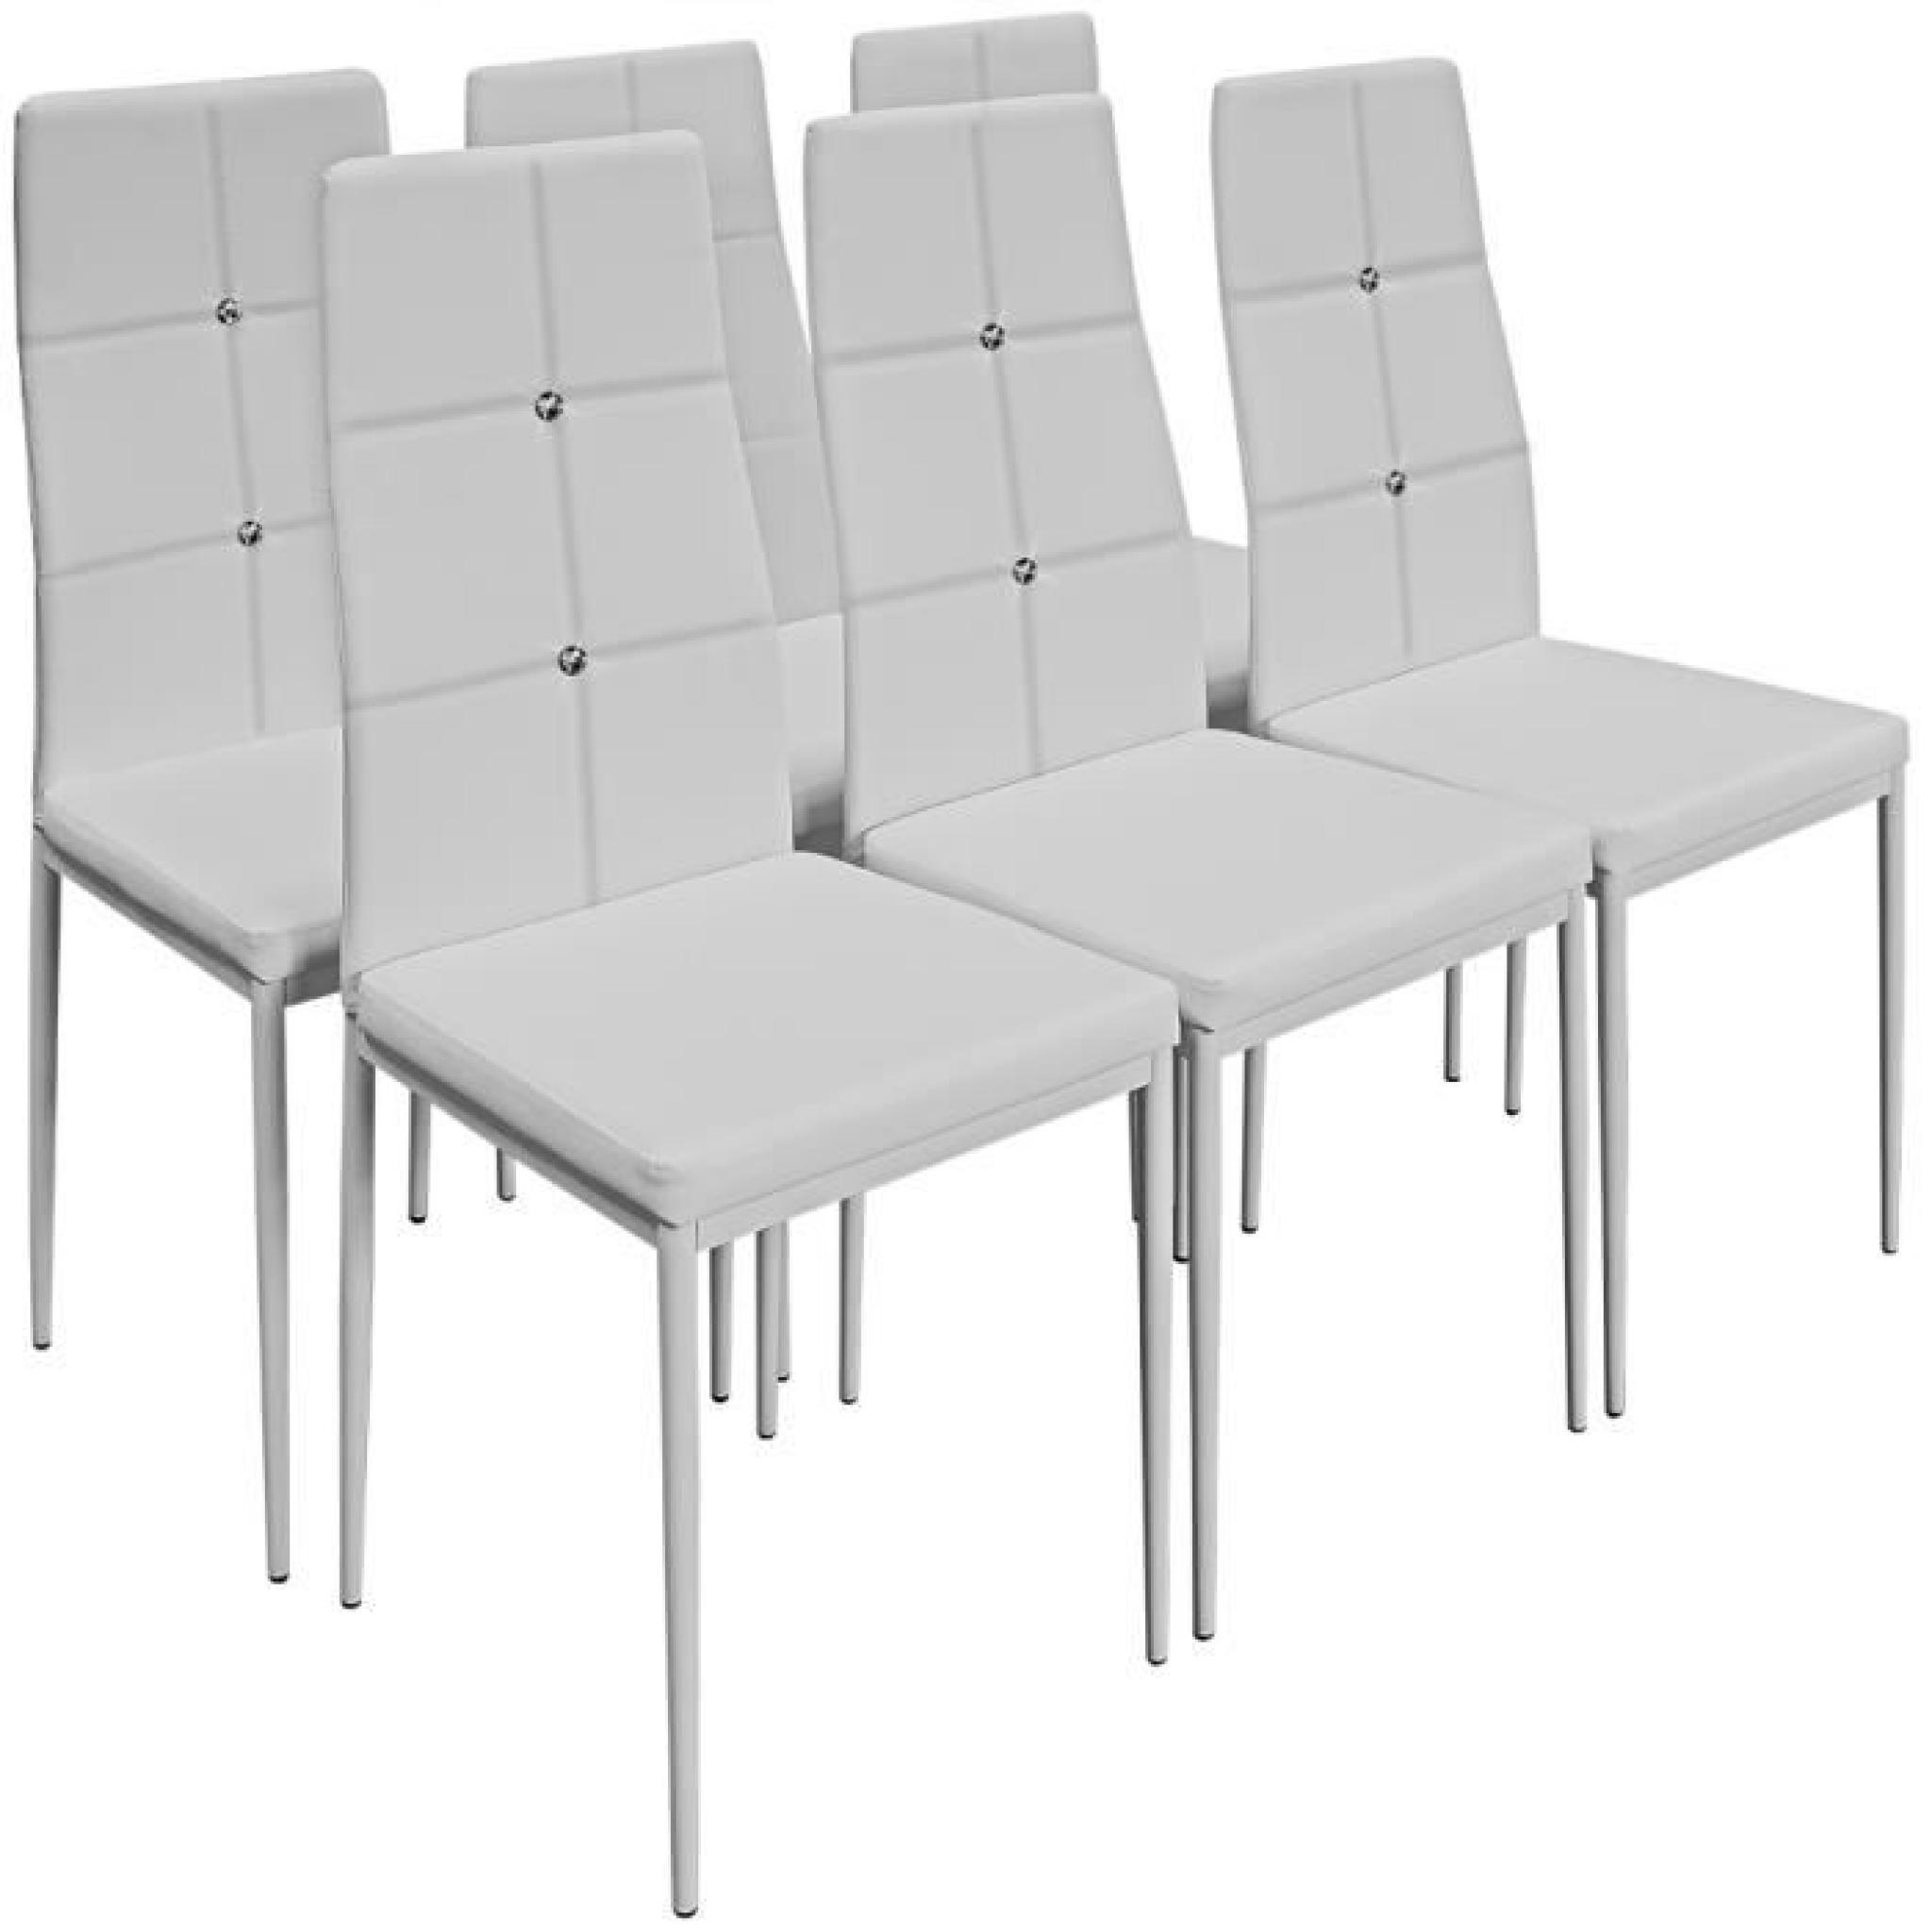 6x chaises de salle a manger avec strass noires achat for Meuble salle À manger avec chaise salle a manger design pas cher